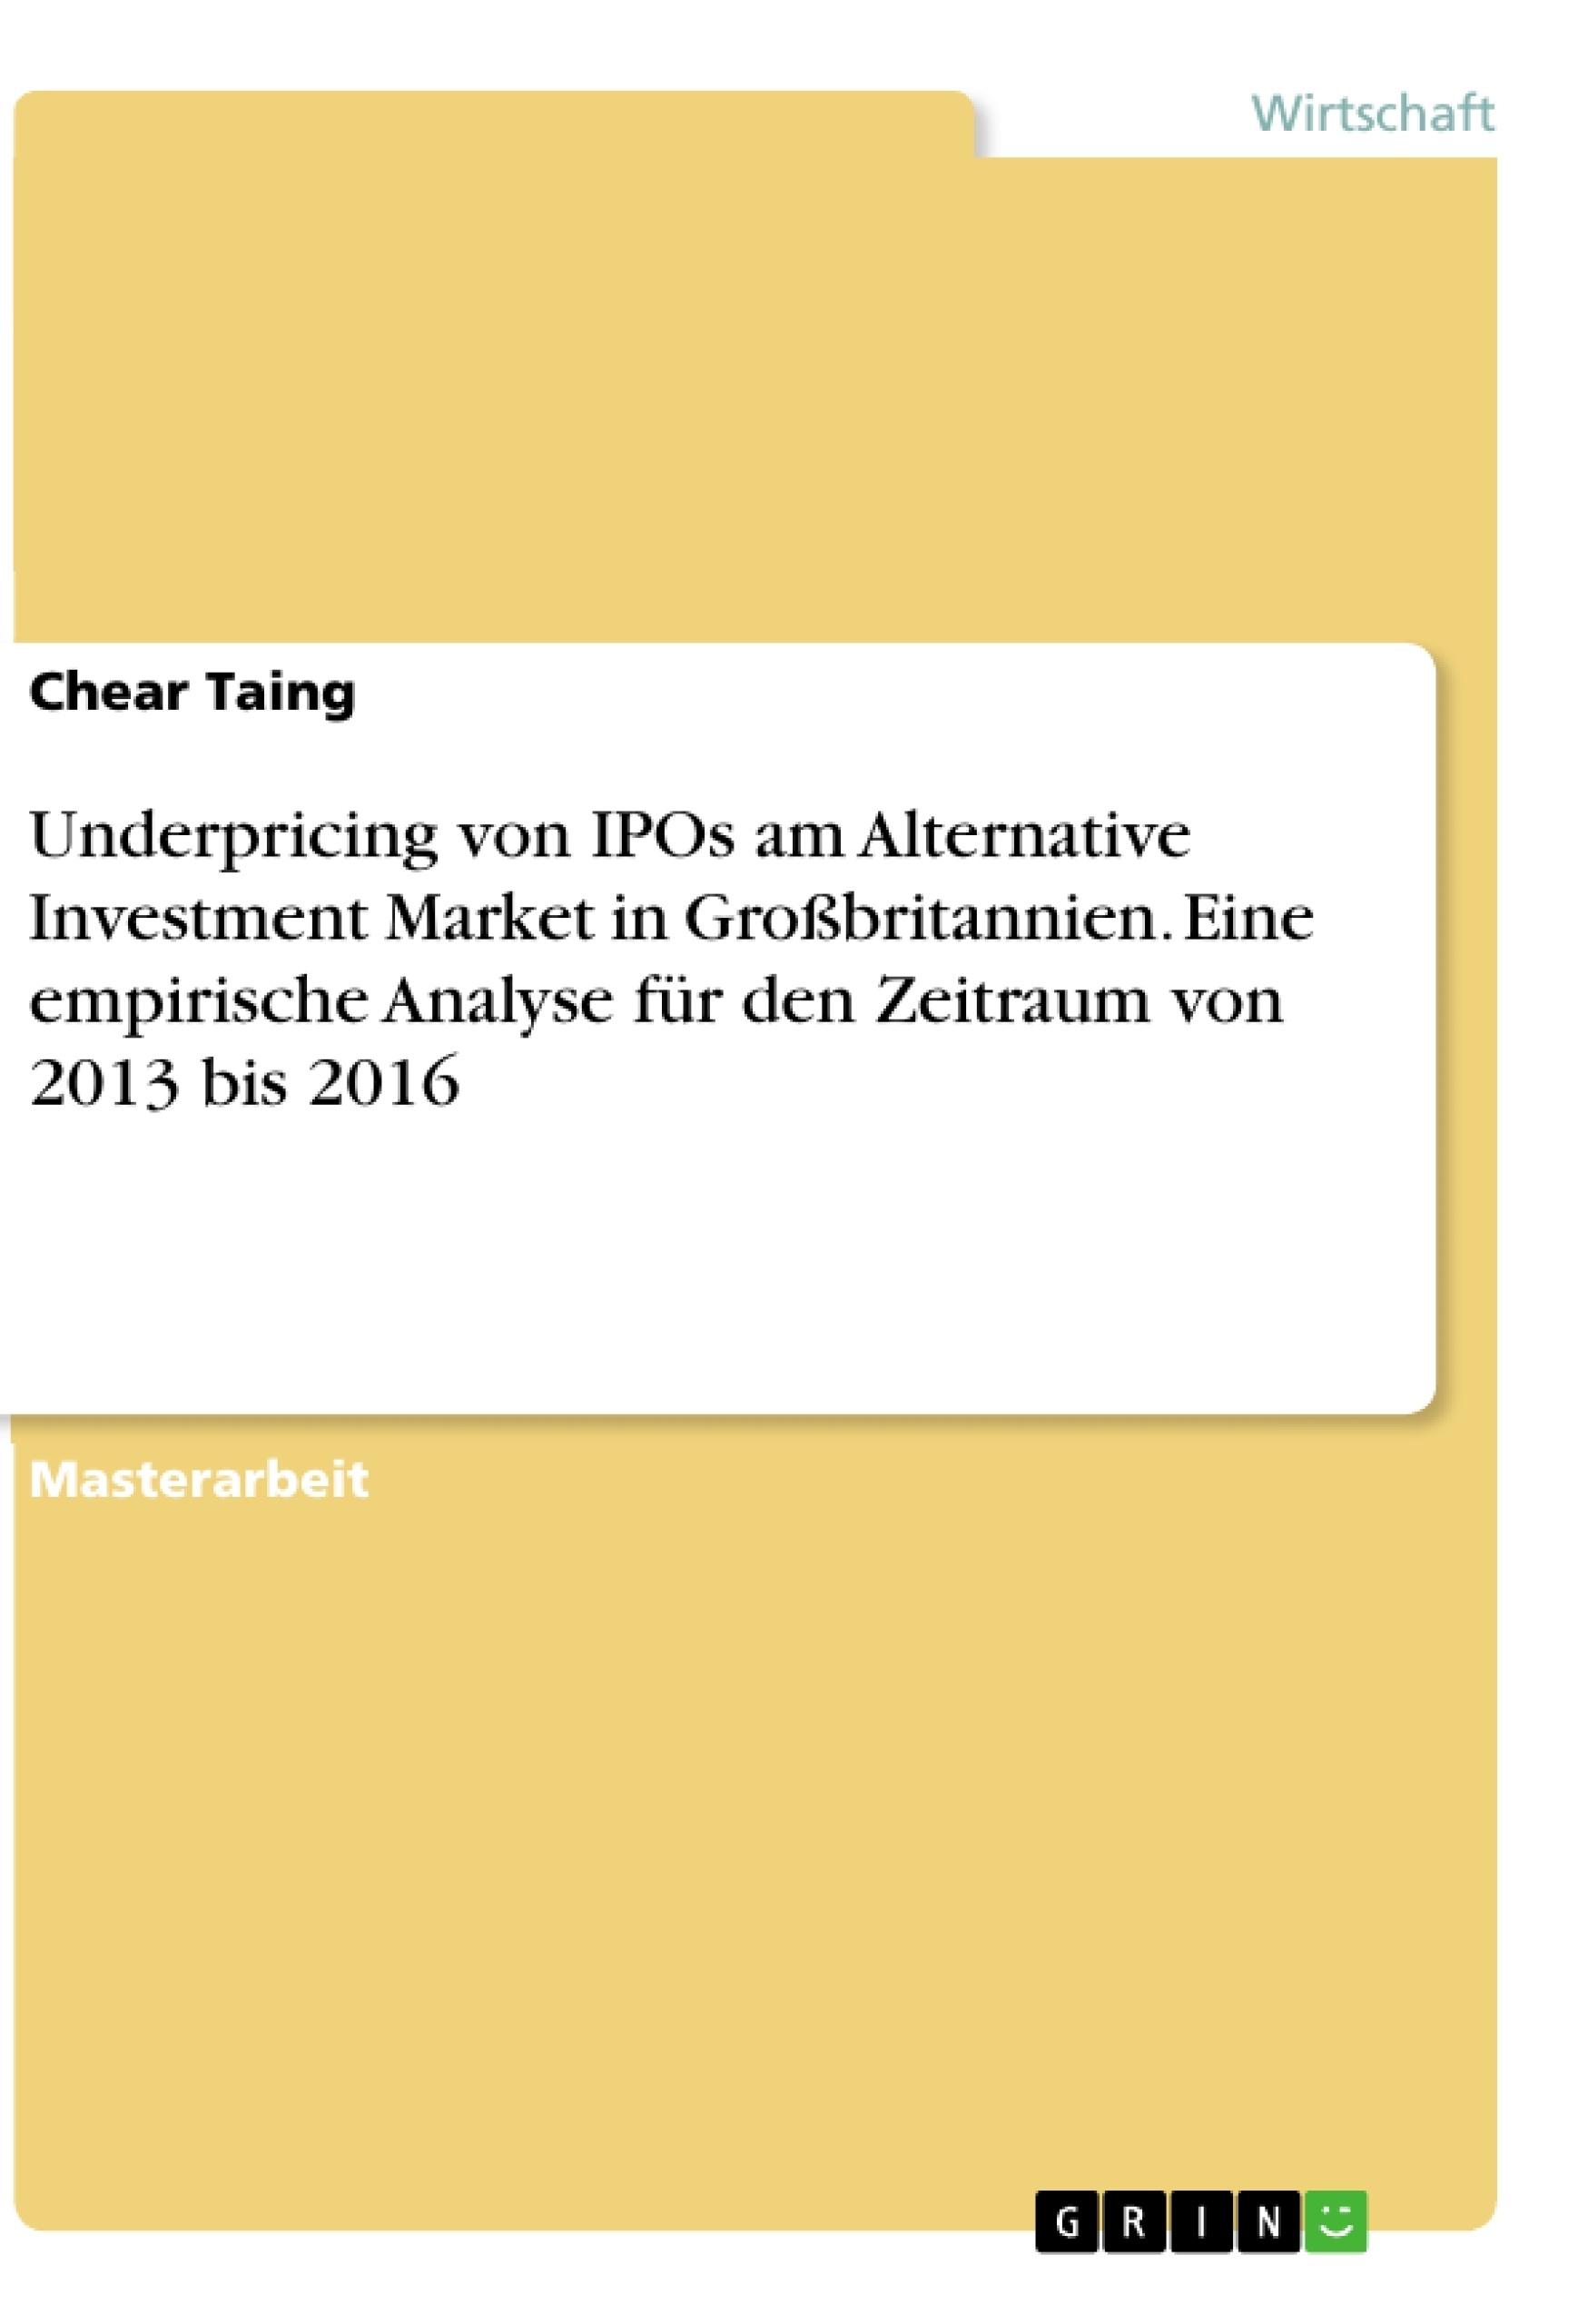 Titel: Underpricing von IPOs am Alternative Investment Market in Großbritannien. Eine empirische Analyse für den Zeitraum von 2013 bis 2016